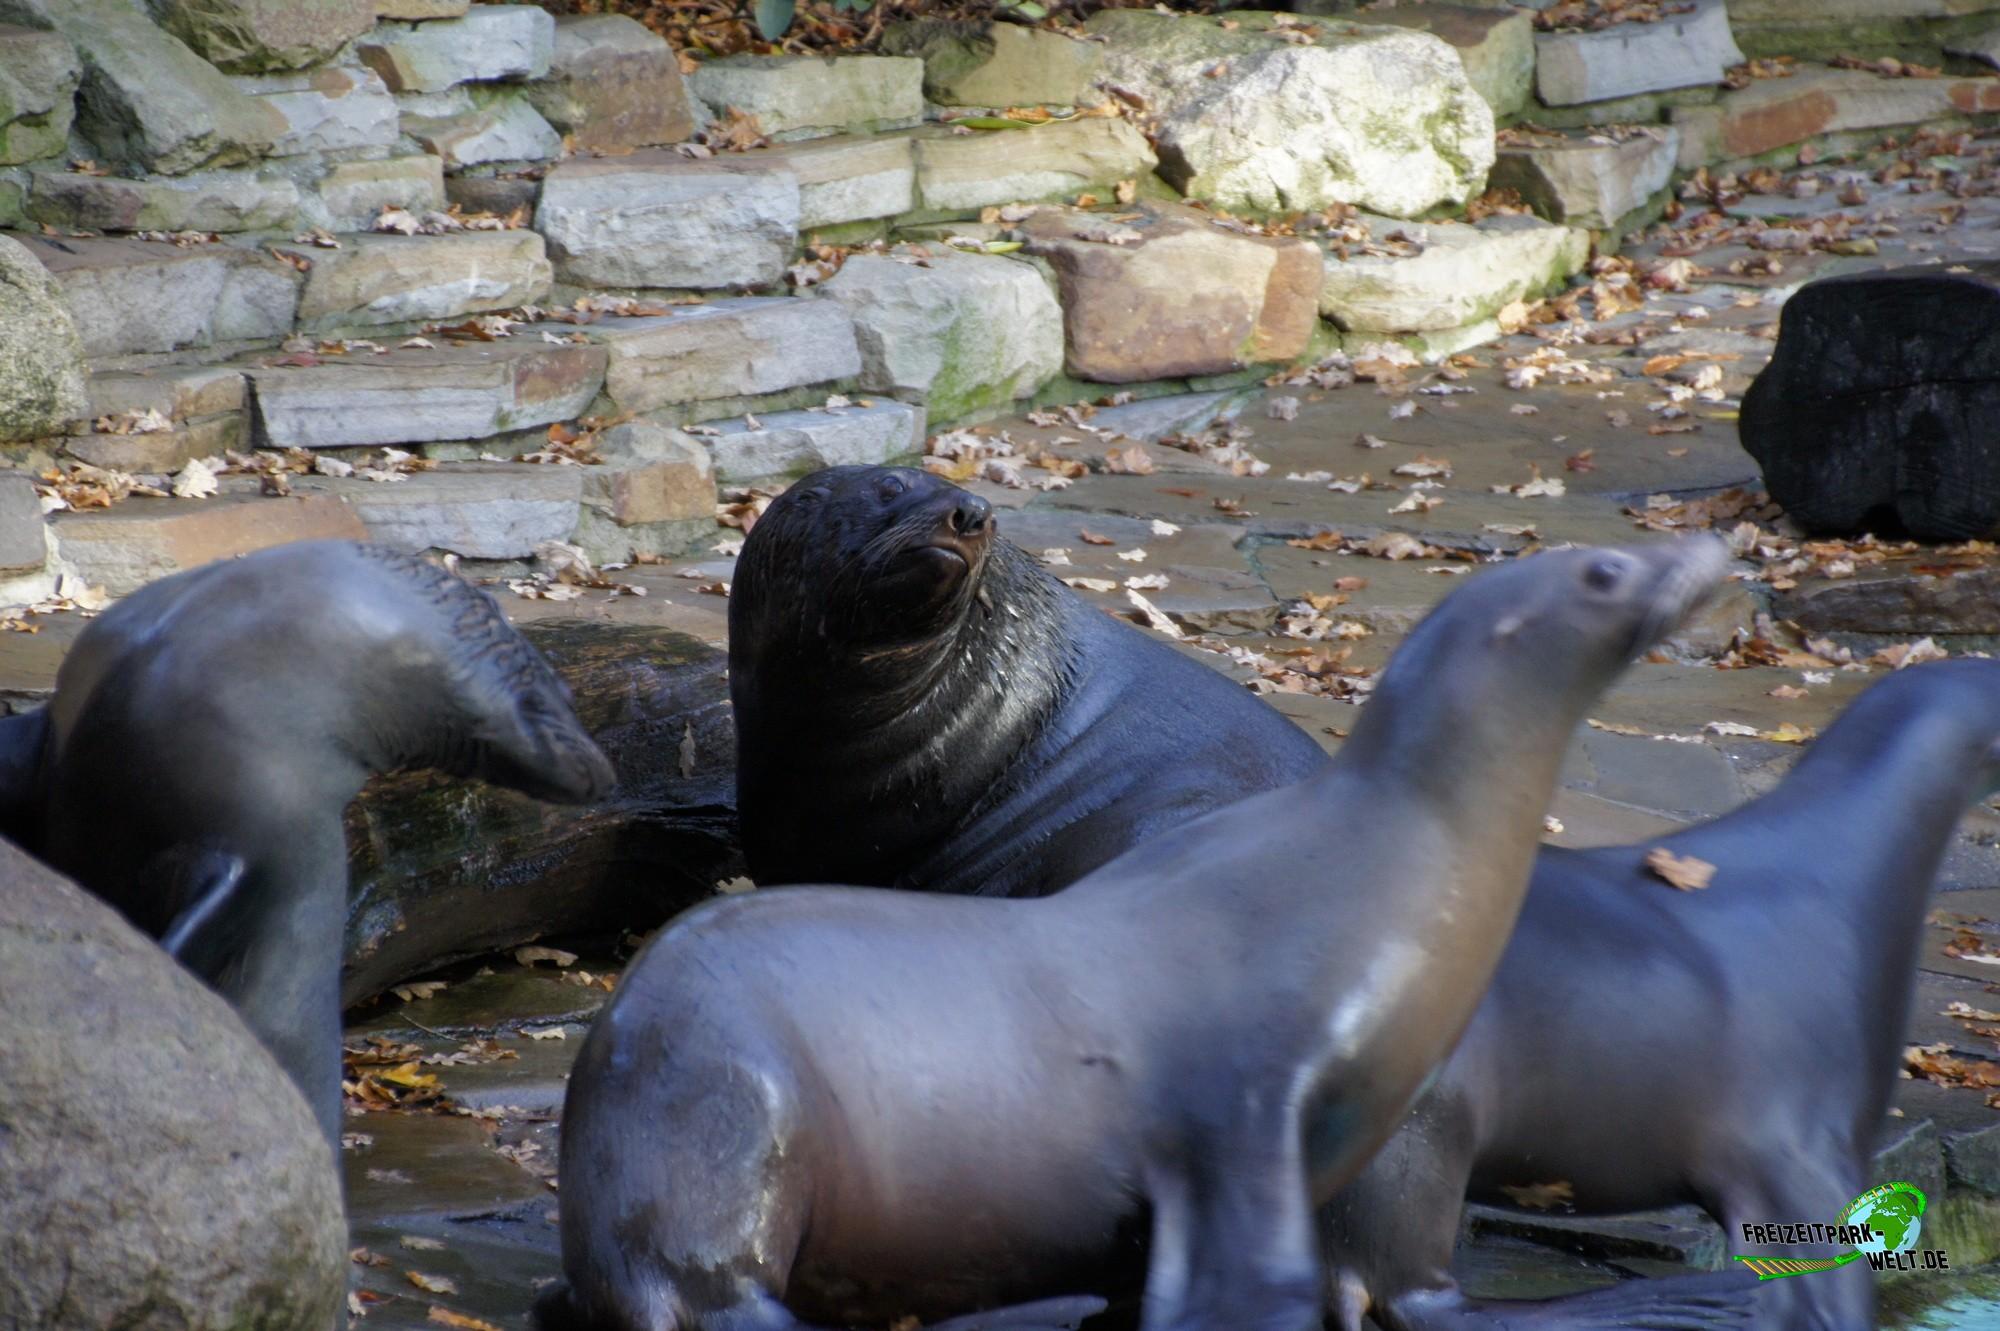 kalifornischer seel we zoo dortmund freizeitpark. Black Bedroom Furniture Sets. Home Design Ideas